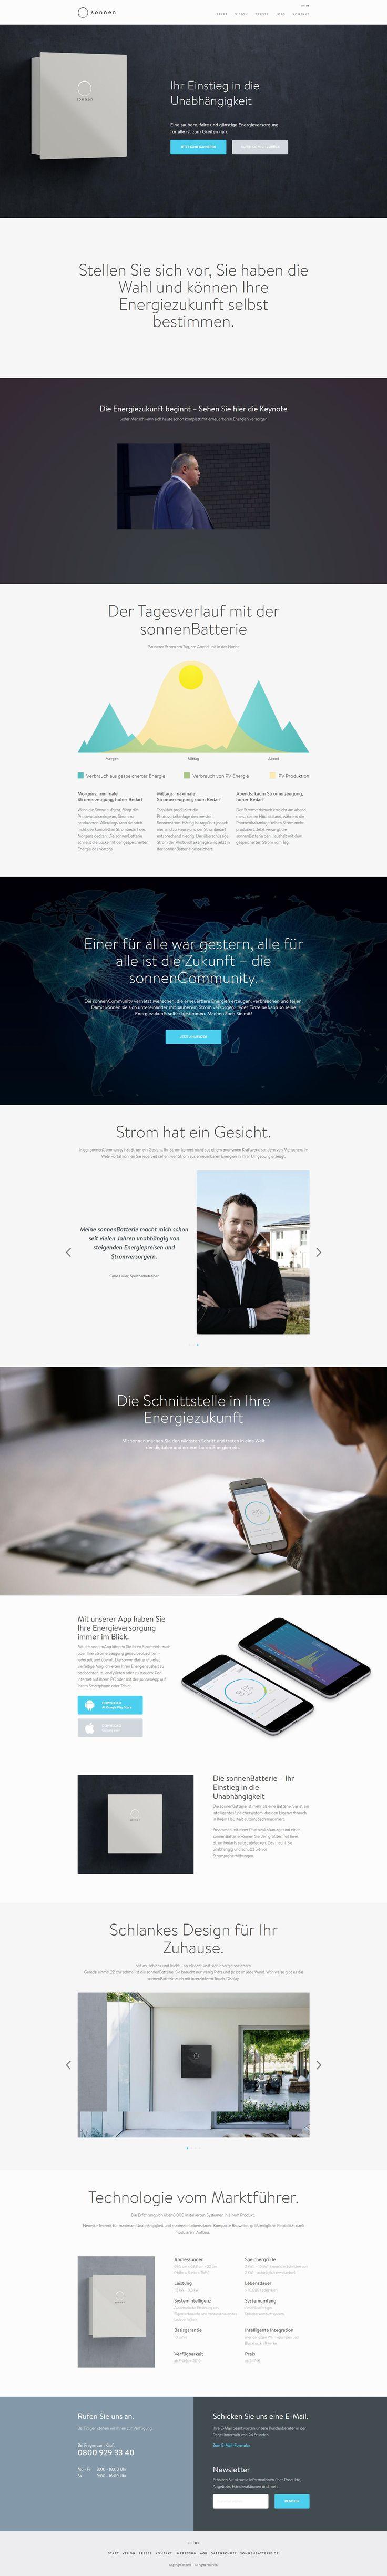 https://microsite.sonnenbatterie.de/de